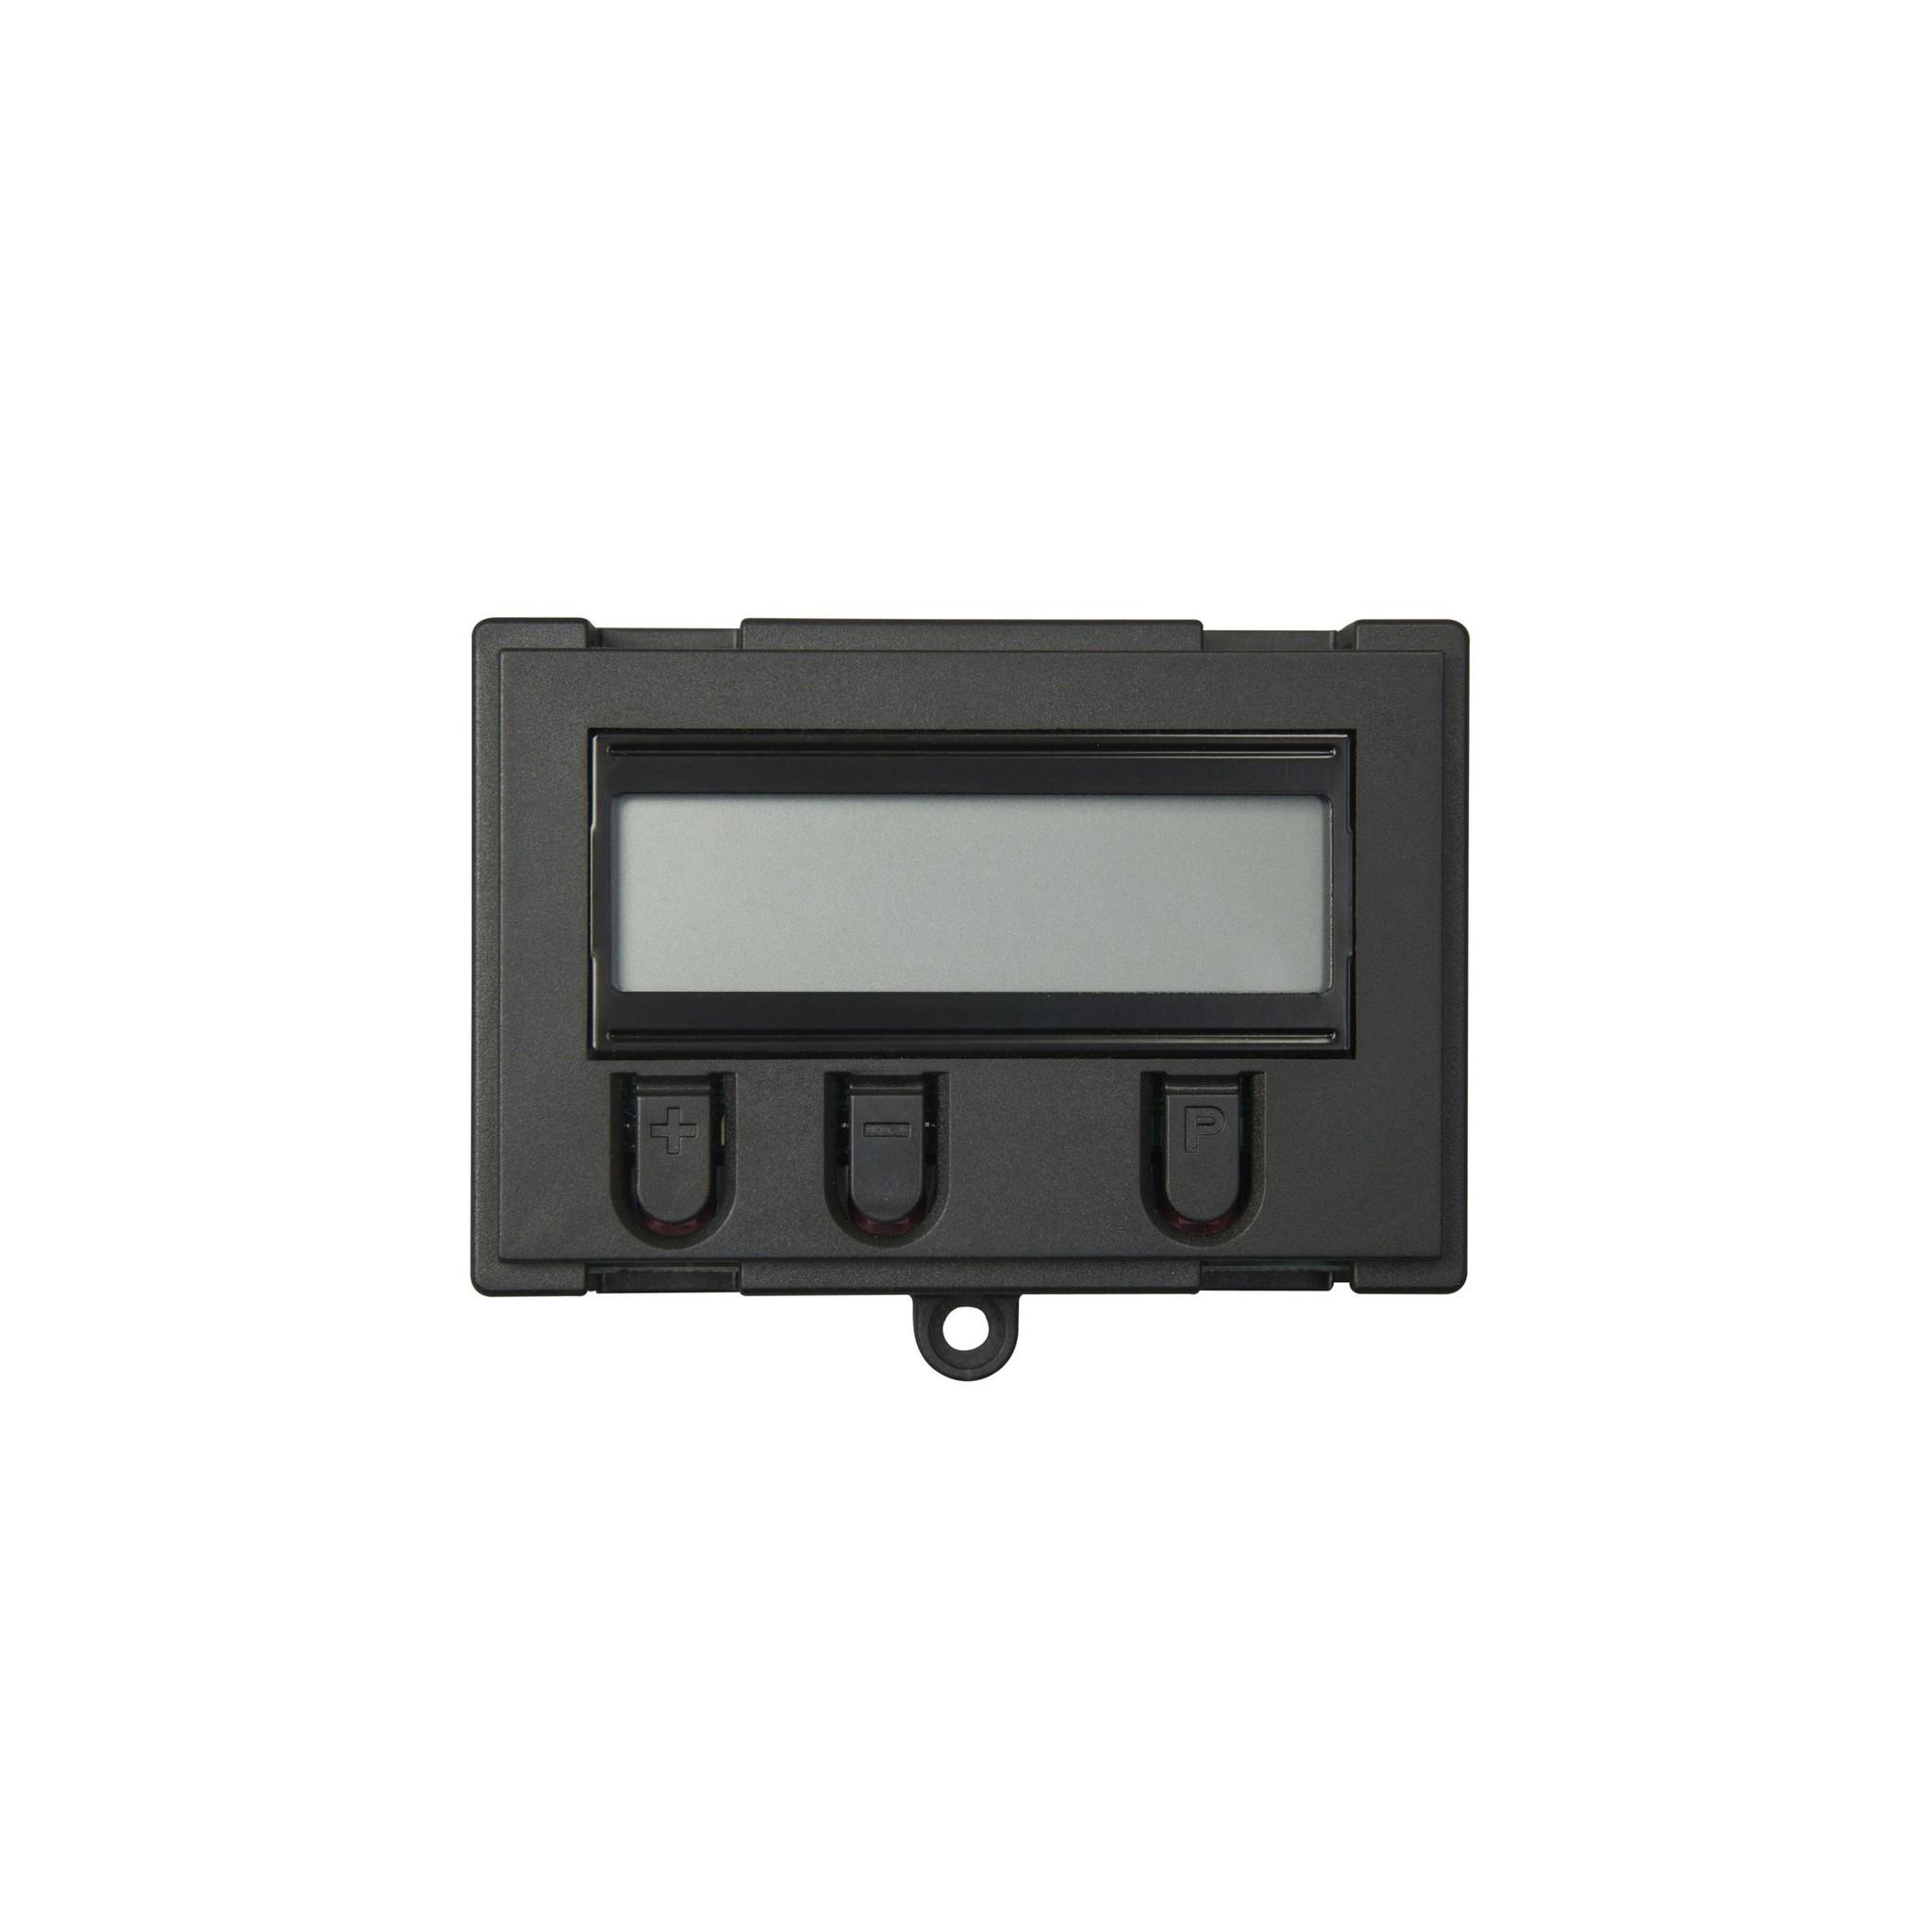 MFZ Display CS300 / CS310 stuurkast